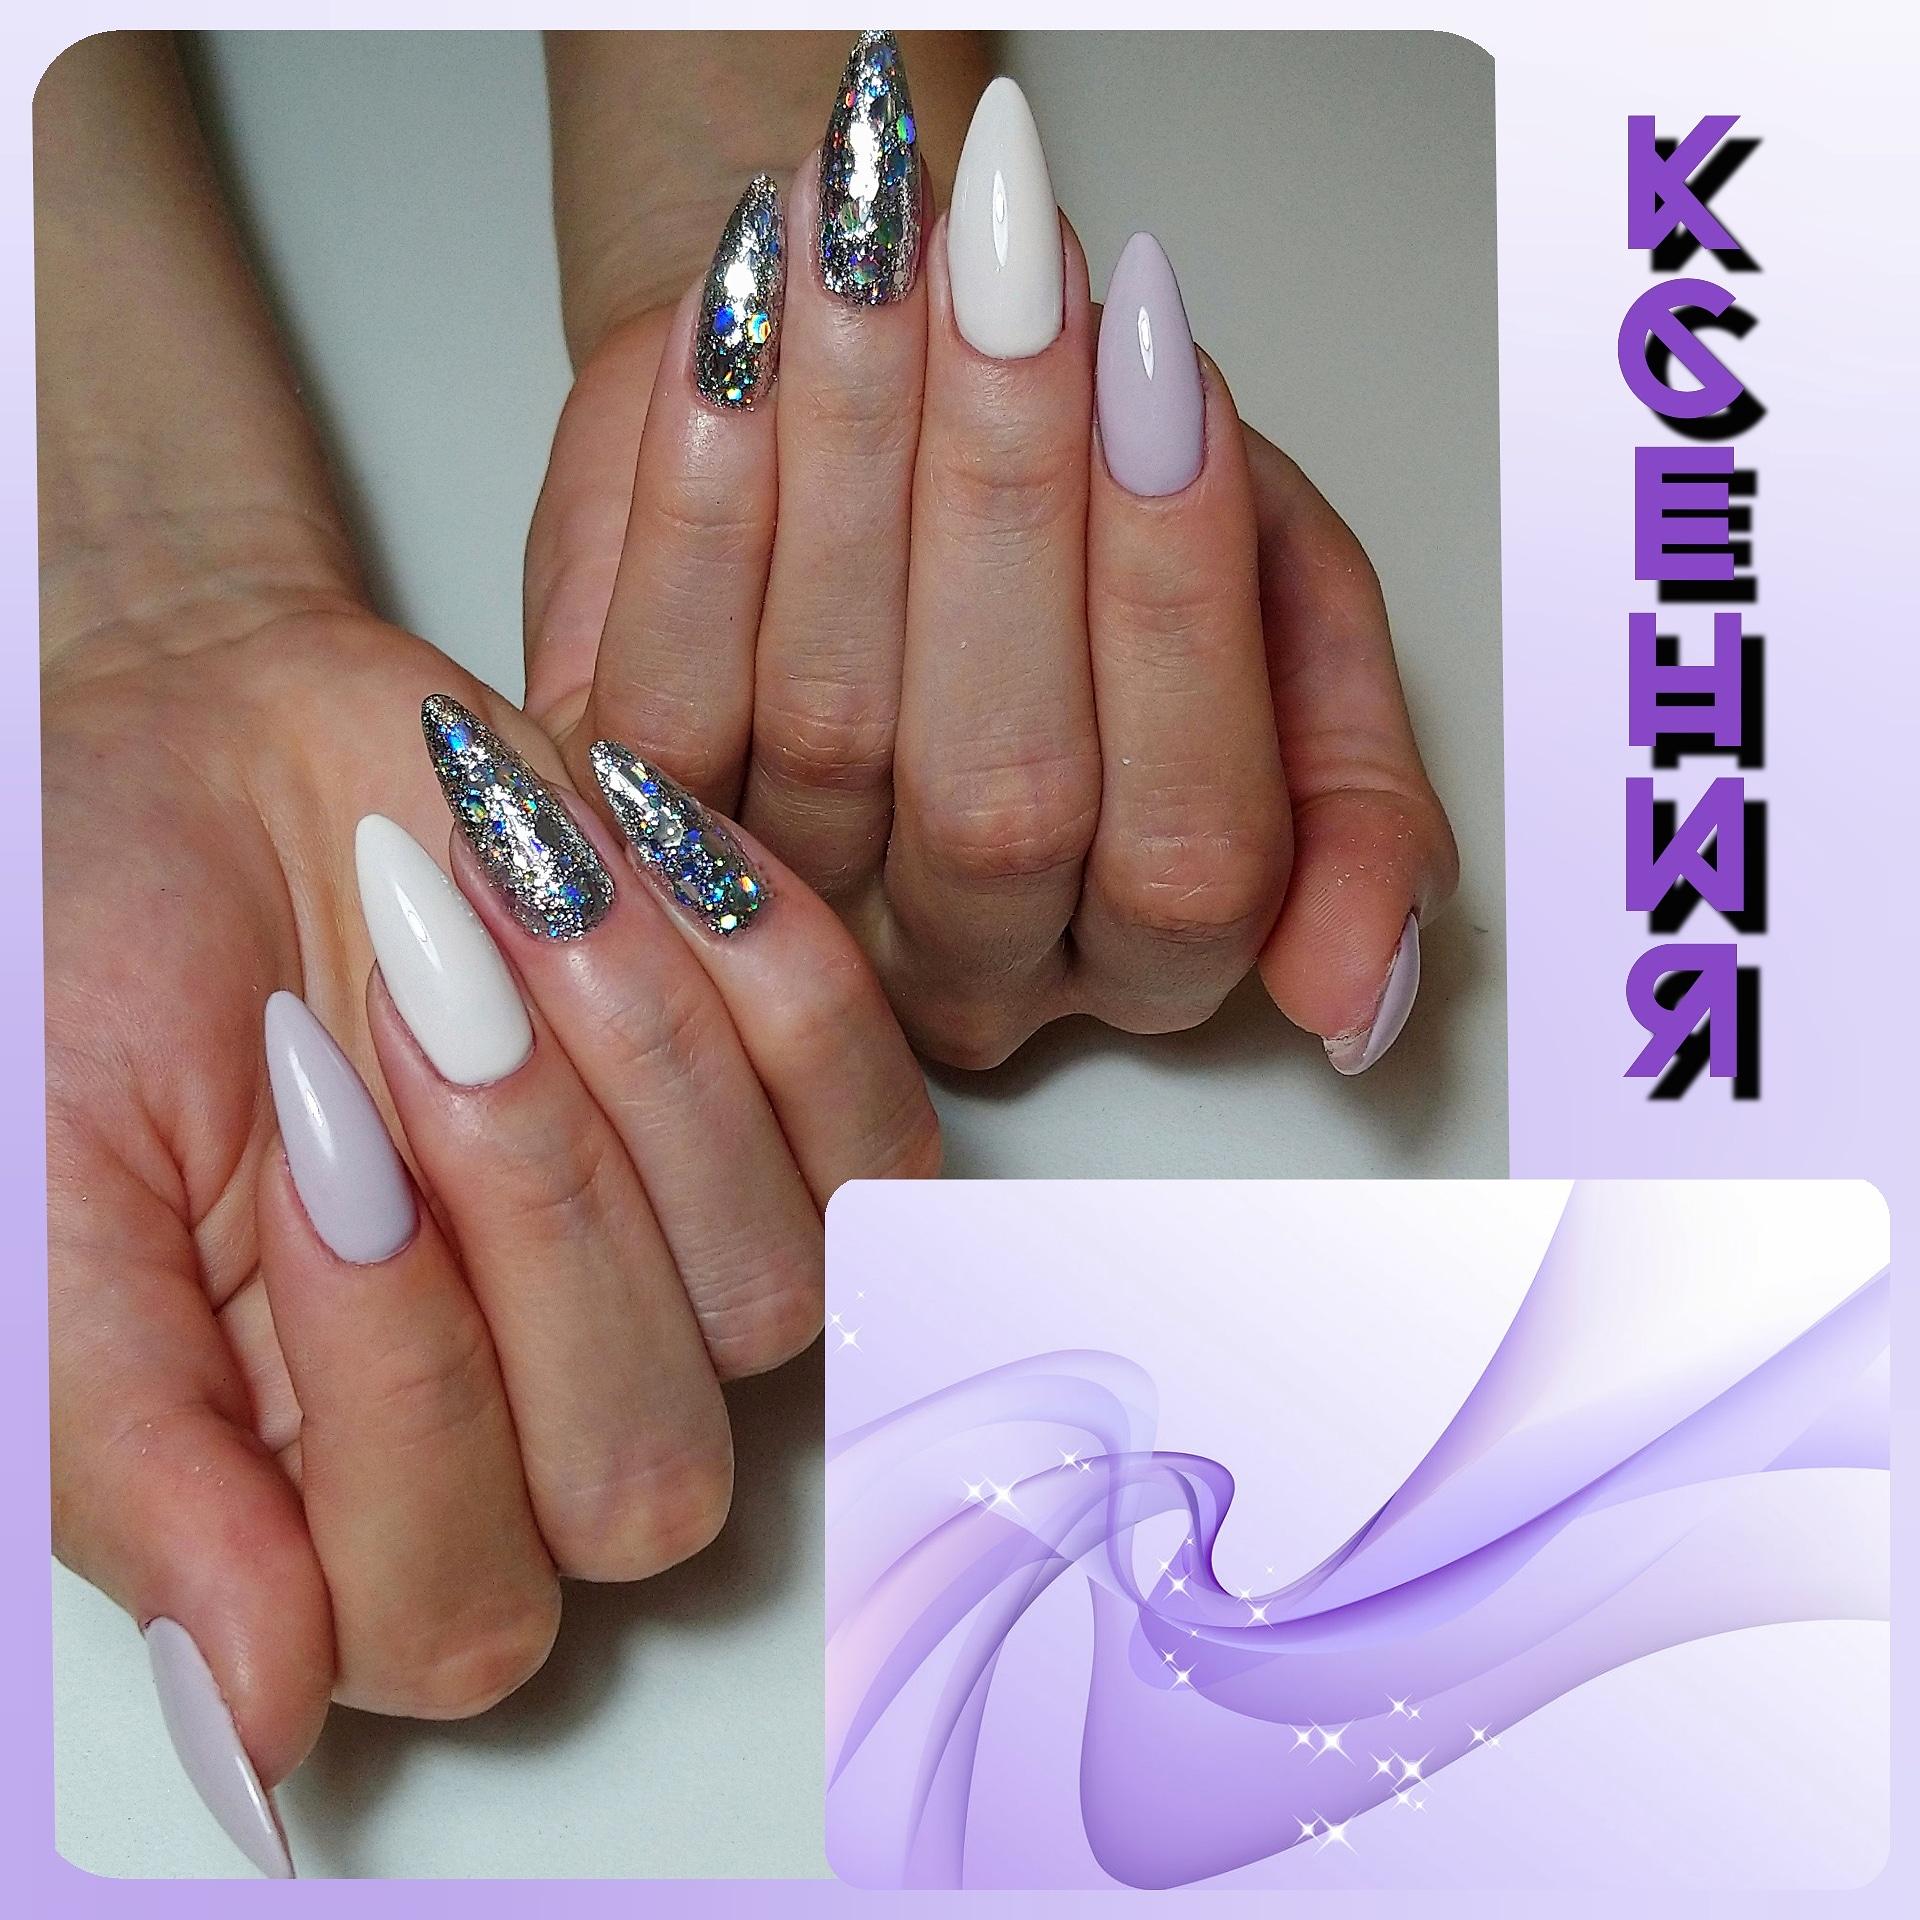 Маникюр с серебряными камифубуки в пастельных тонах на длинные ногти.